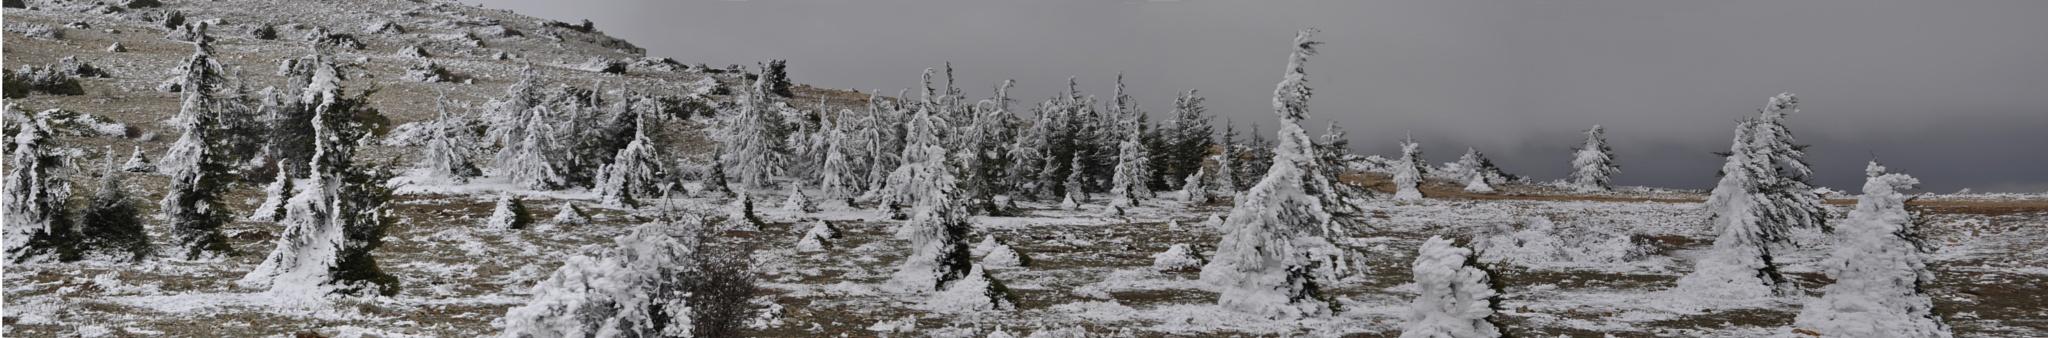 spil mountain panorama  by cebaskaya